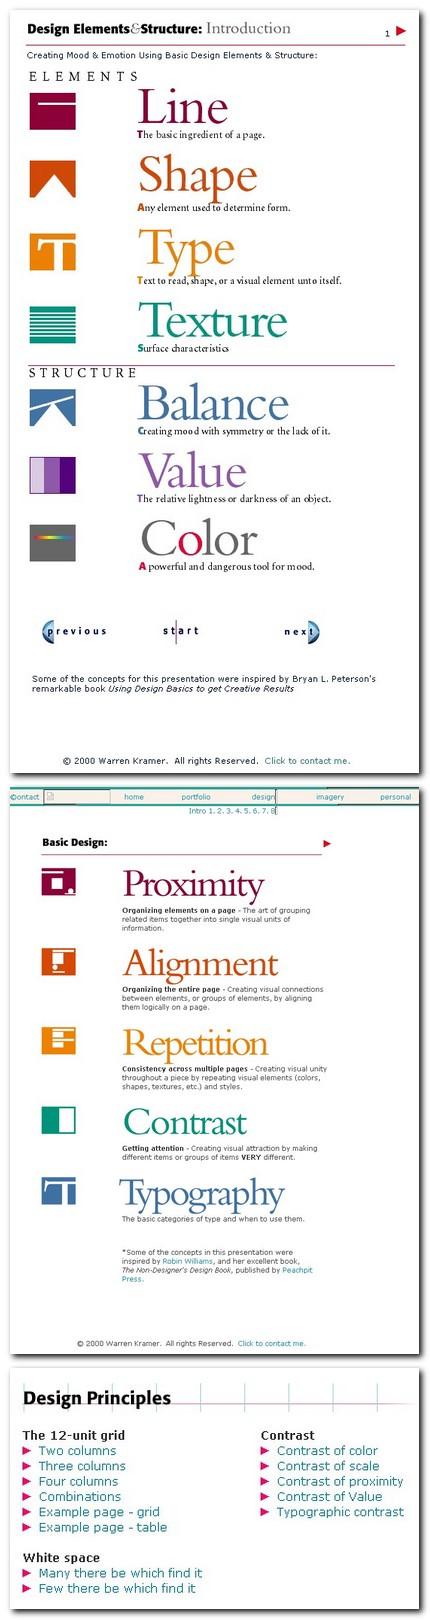 Elemente si principii de design (Warren Kramer)